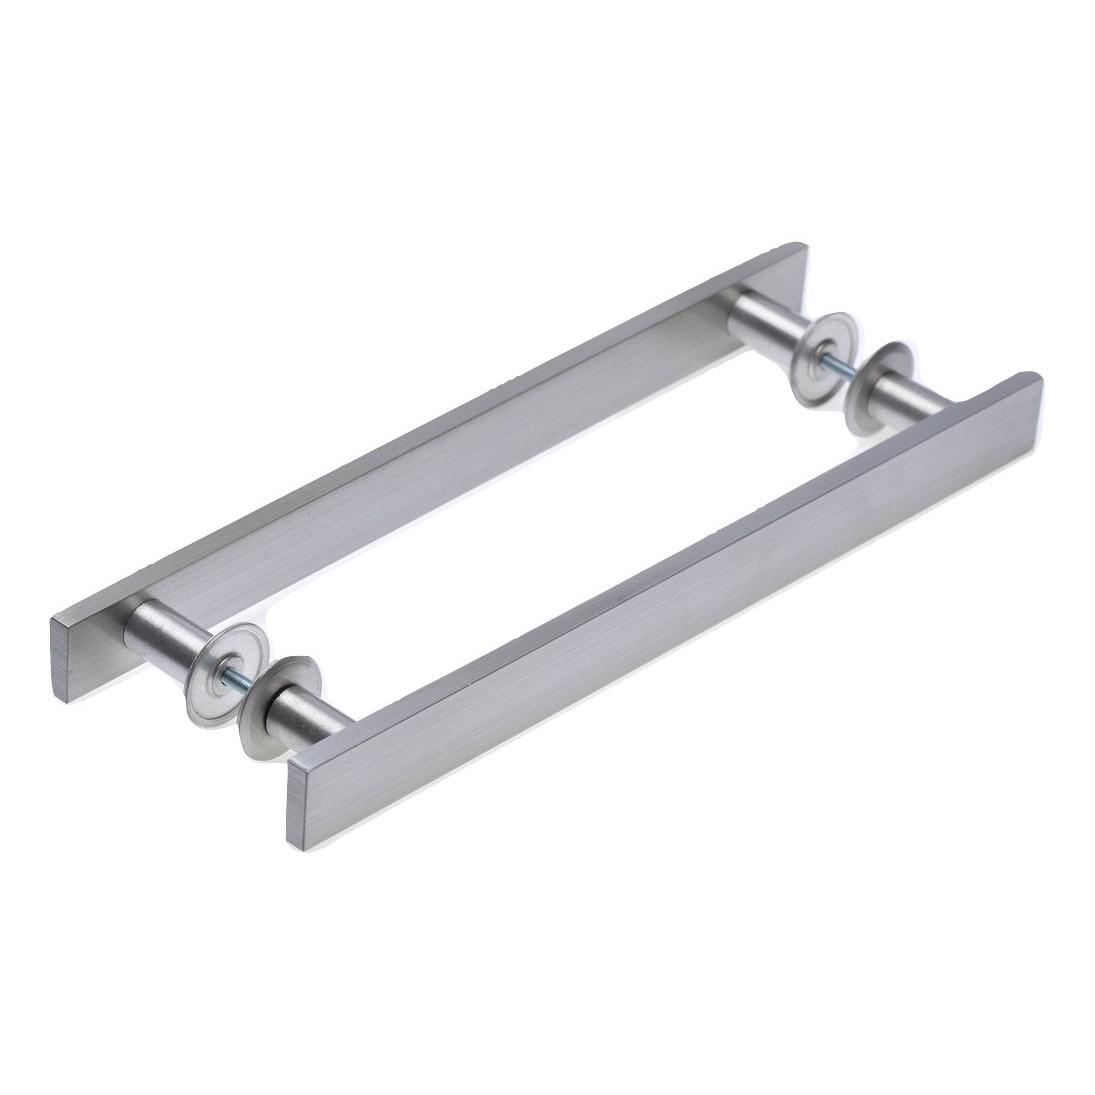 Puxador de Aluminio Escovado 1000 mm - Paris Hastvel